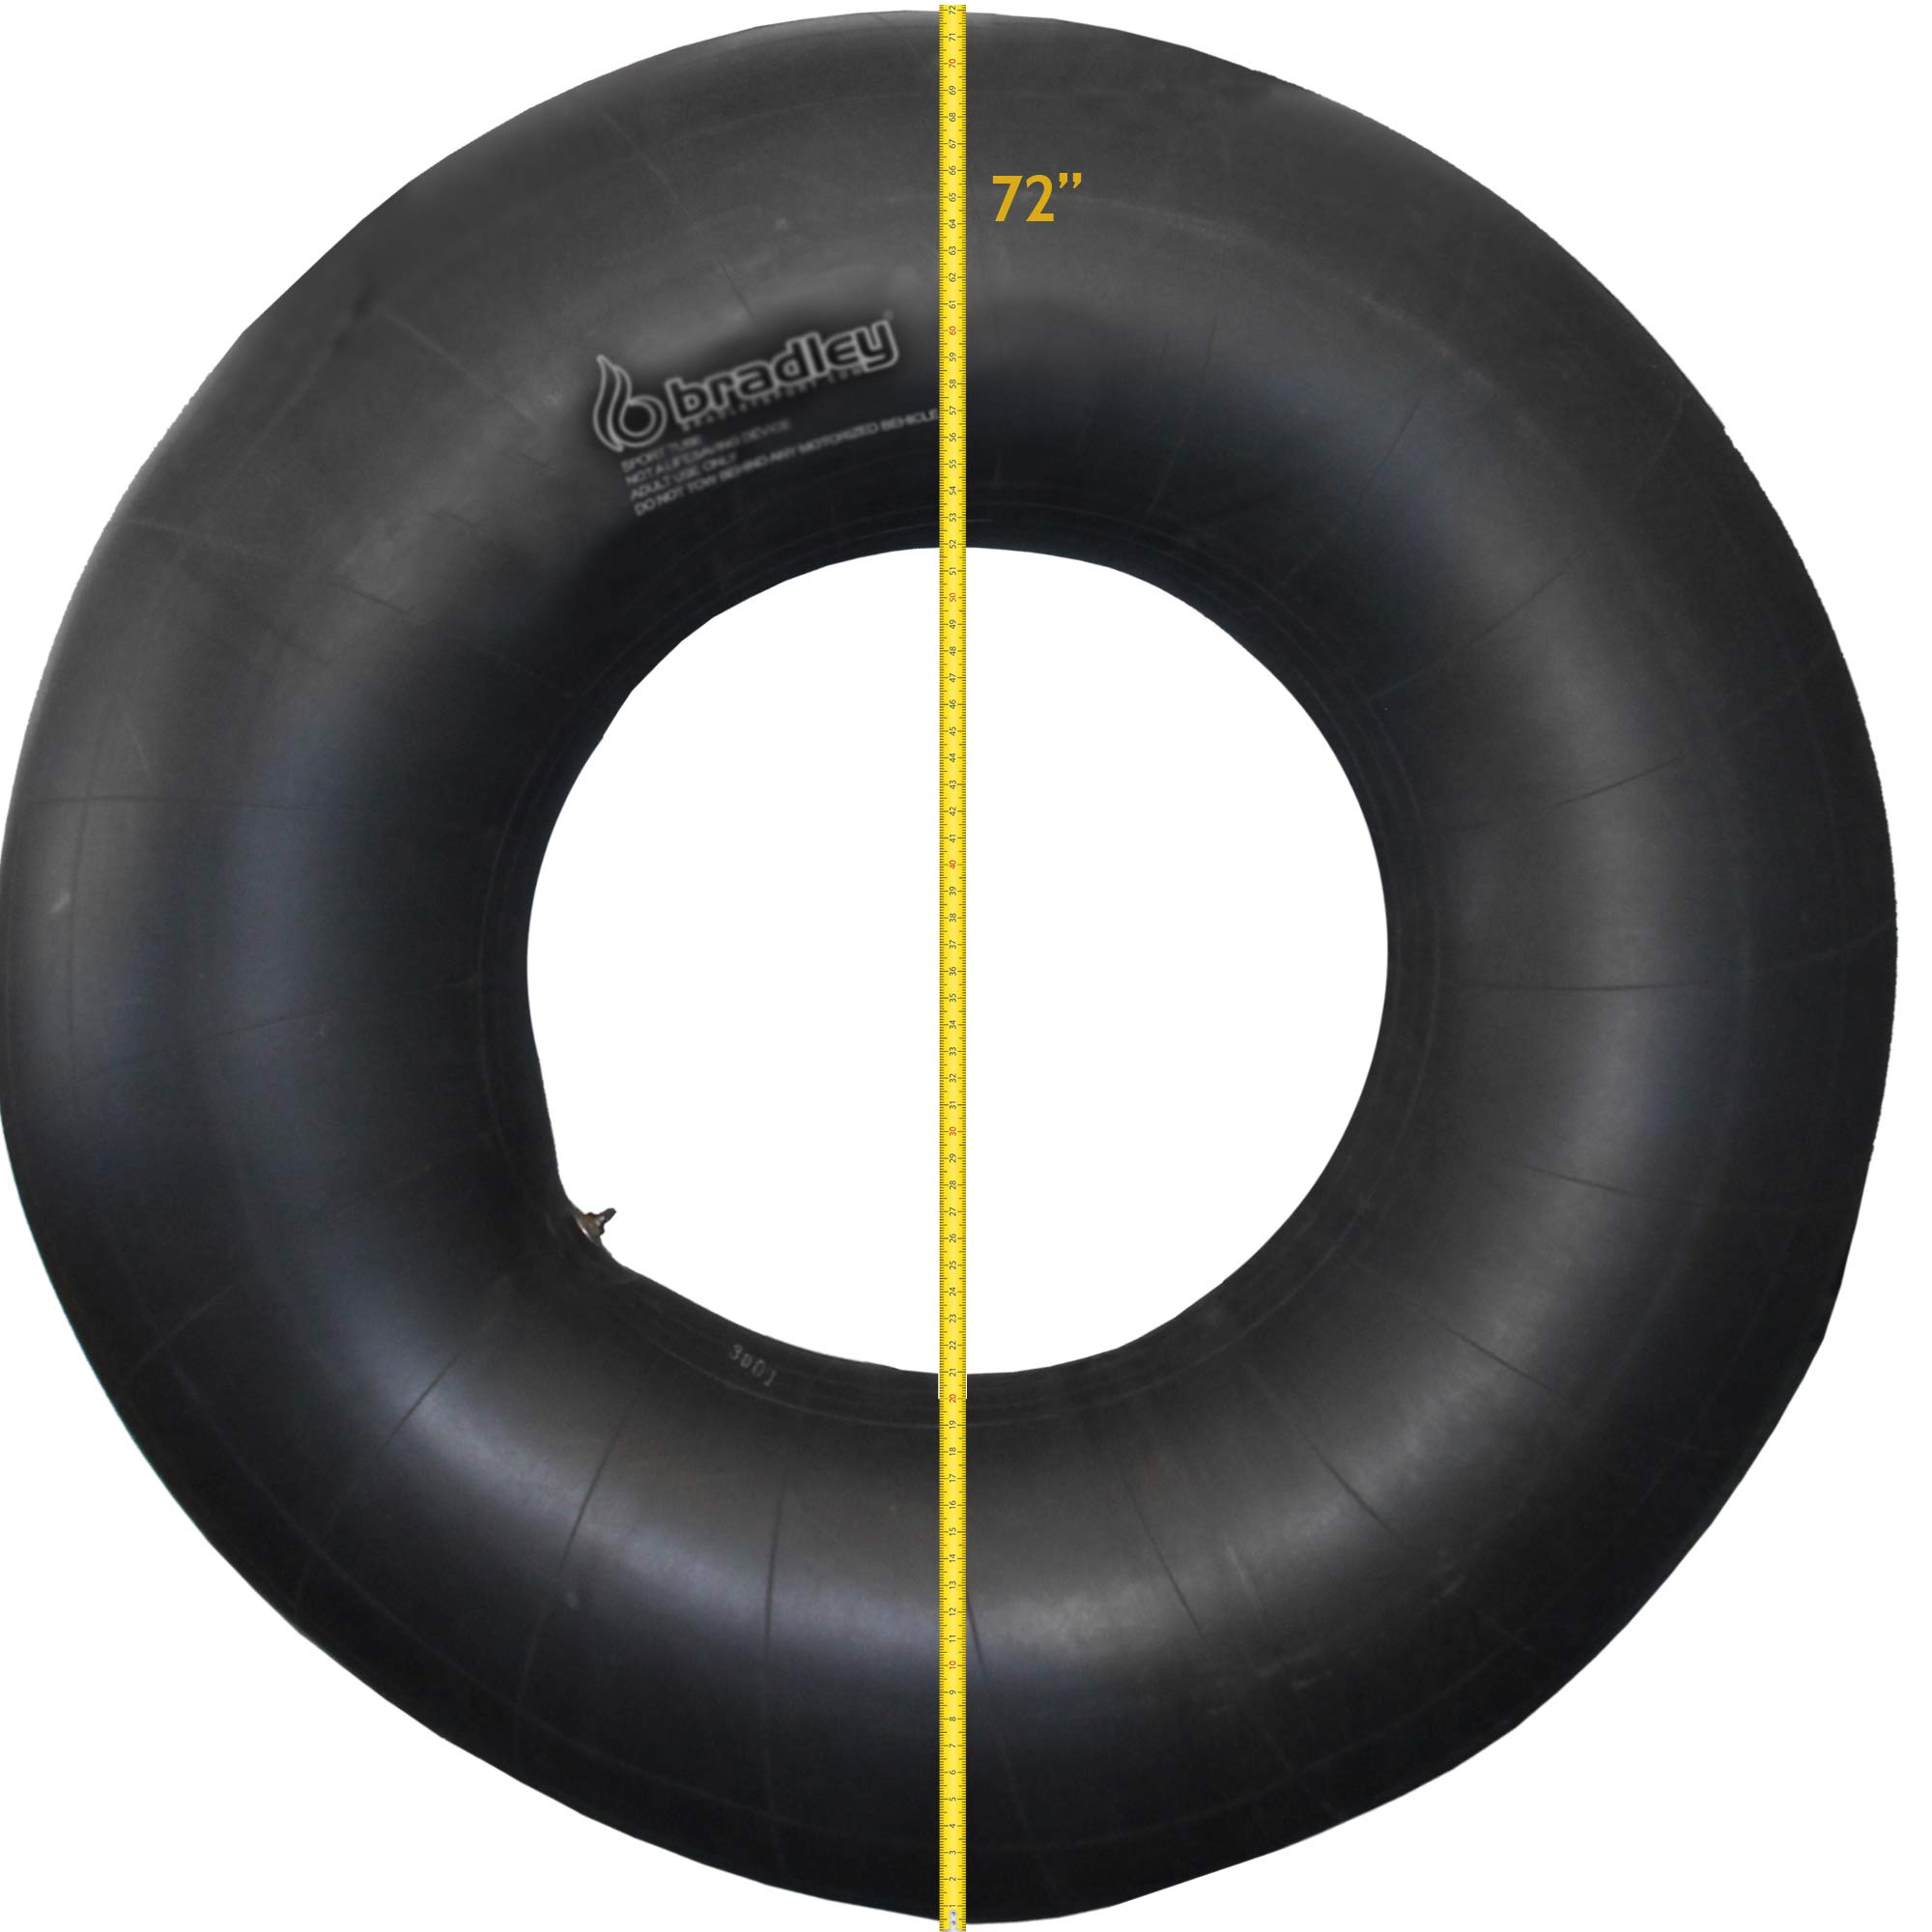 Bradley Colossal Huge Inner Tubes Rafting Tubes River Tubes Snow Tubes Sledding Tubes